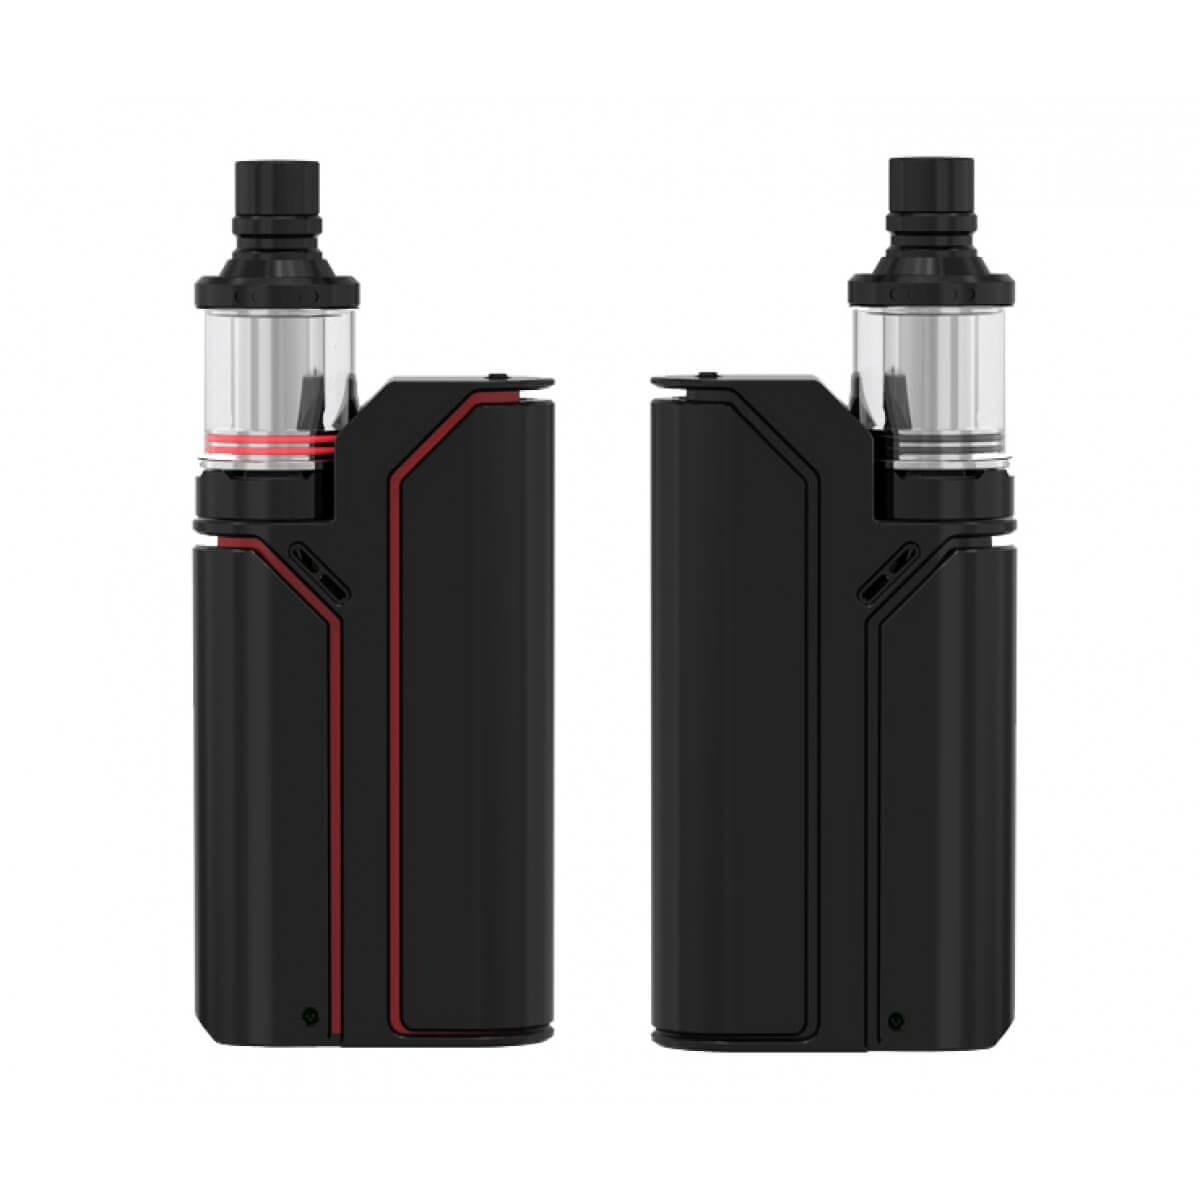 Wismec  <br />Reuleaux RX75 Kit